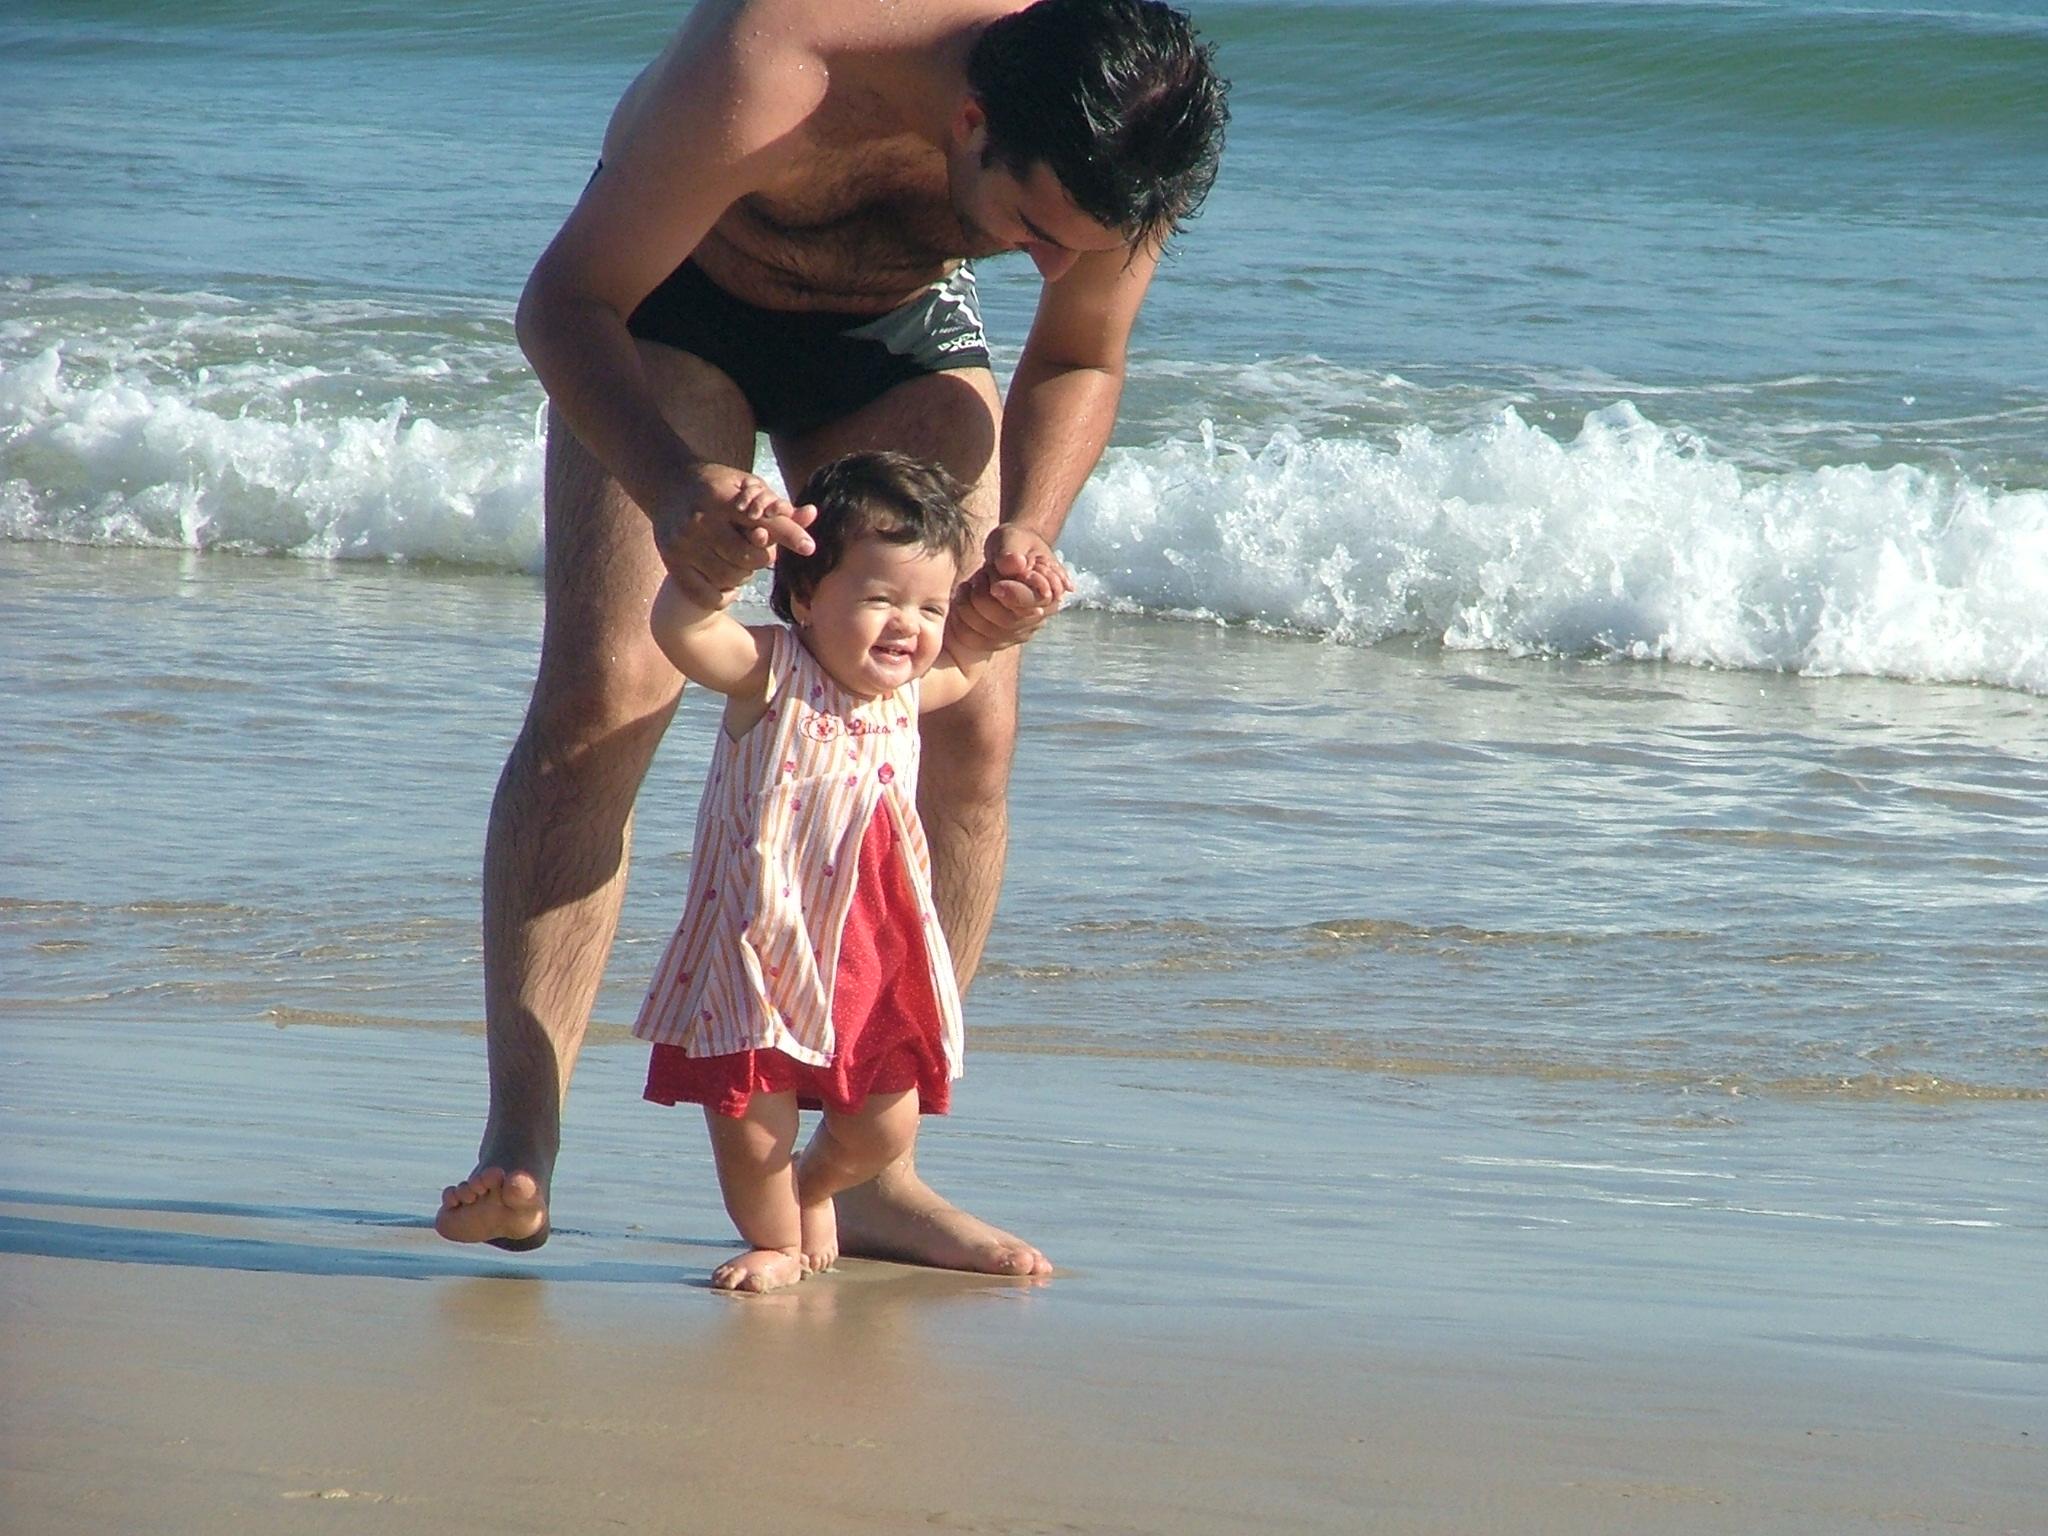 Primeira vez do bebê na praia: dicas para aproveitar